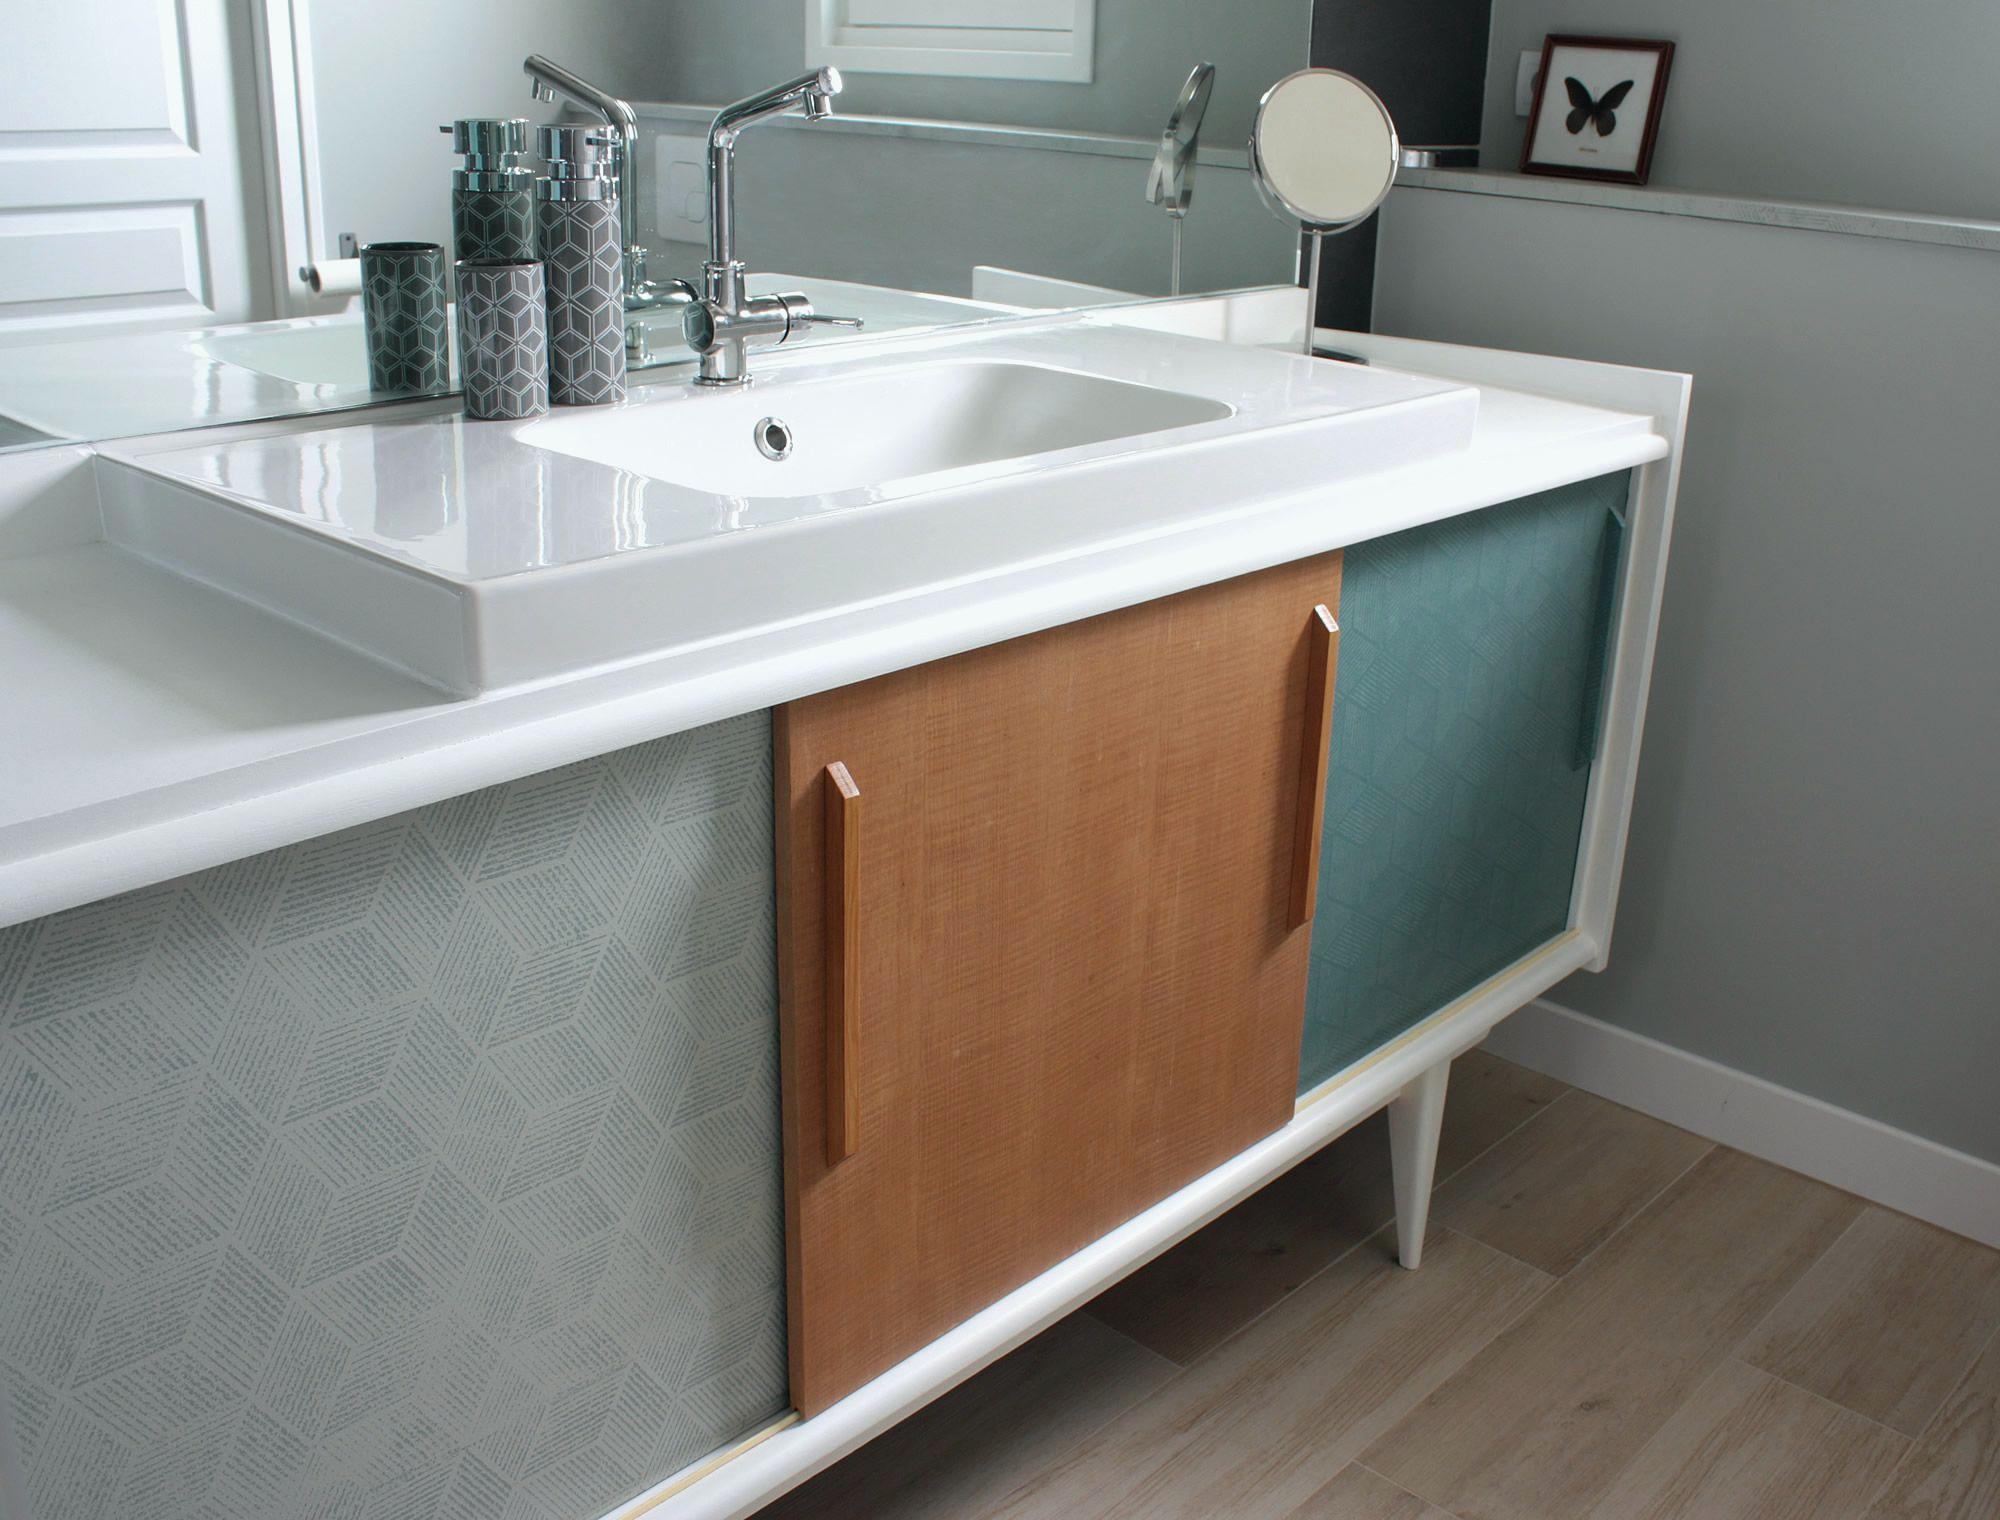 bloquer porte meuble haut ikea lille maison. Black Bedroom Furniture Sets. Home Design Ideas